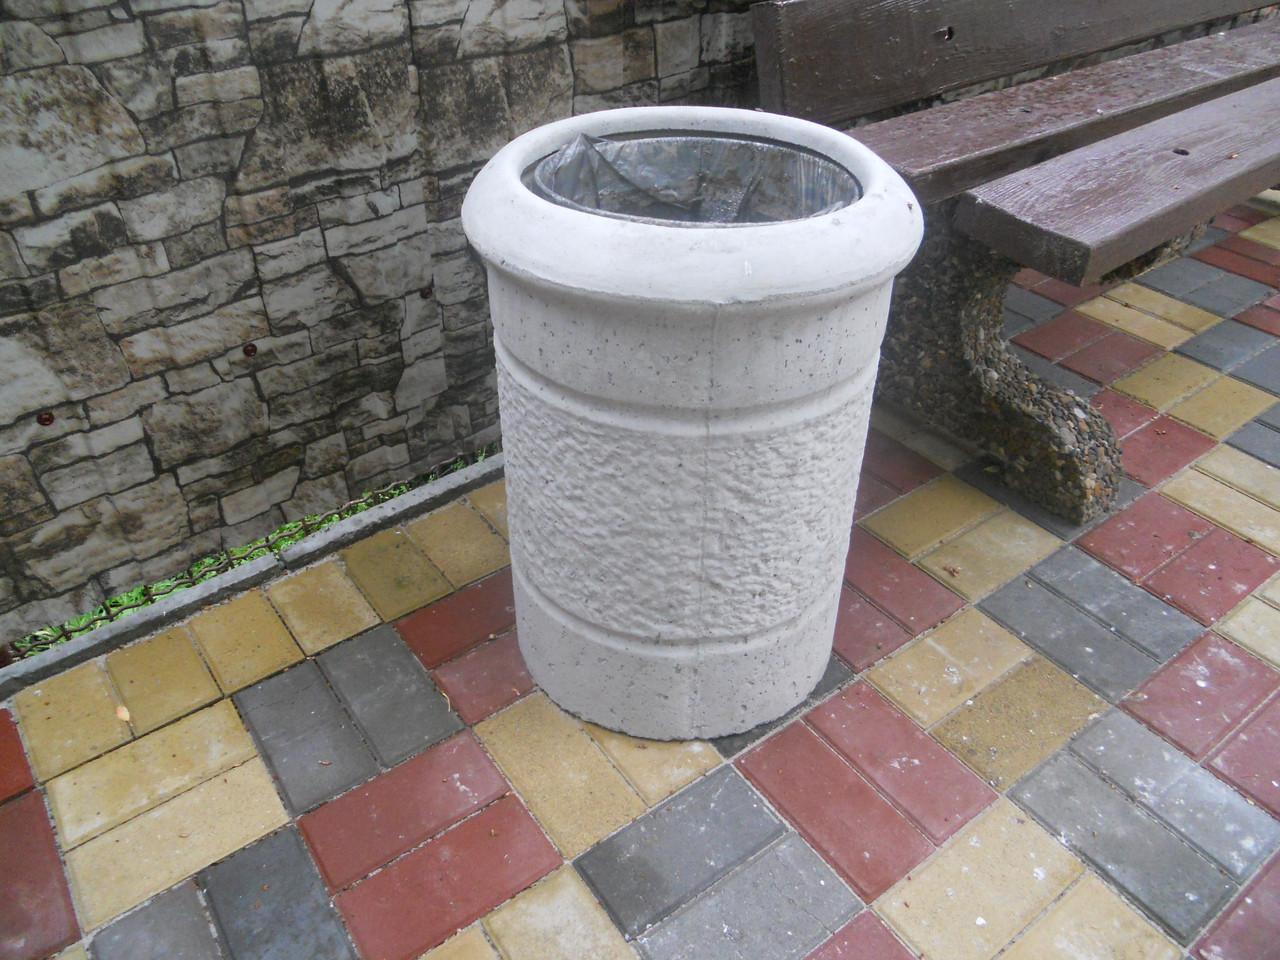 Бетон днепропетровск цена бетон выбор курганинск